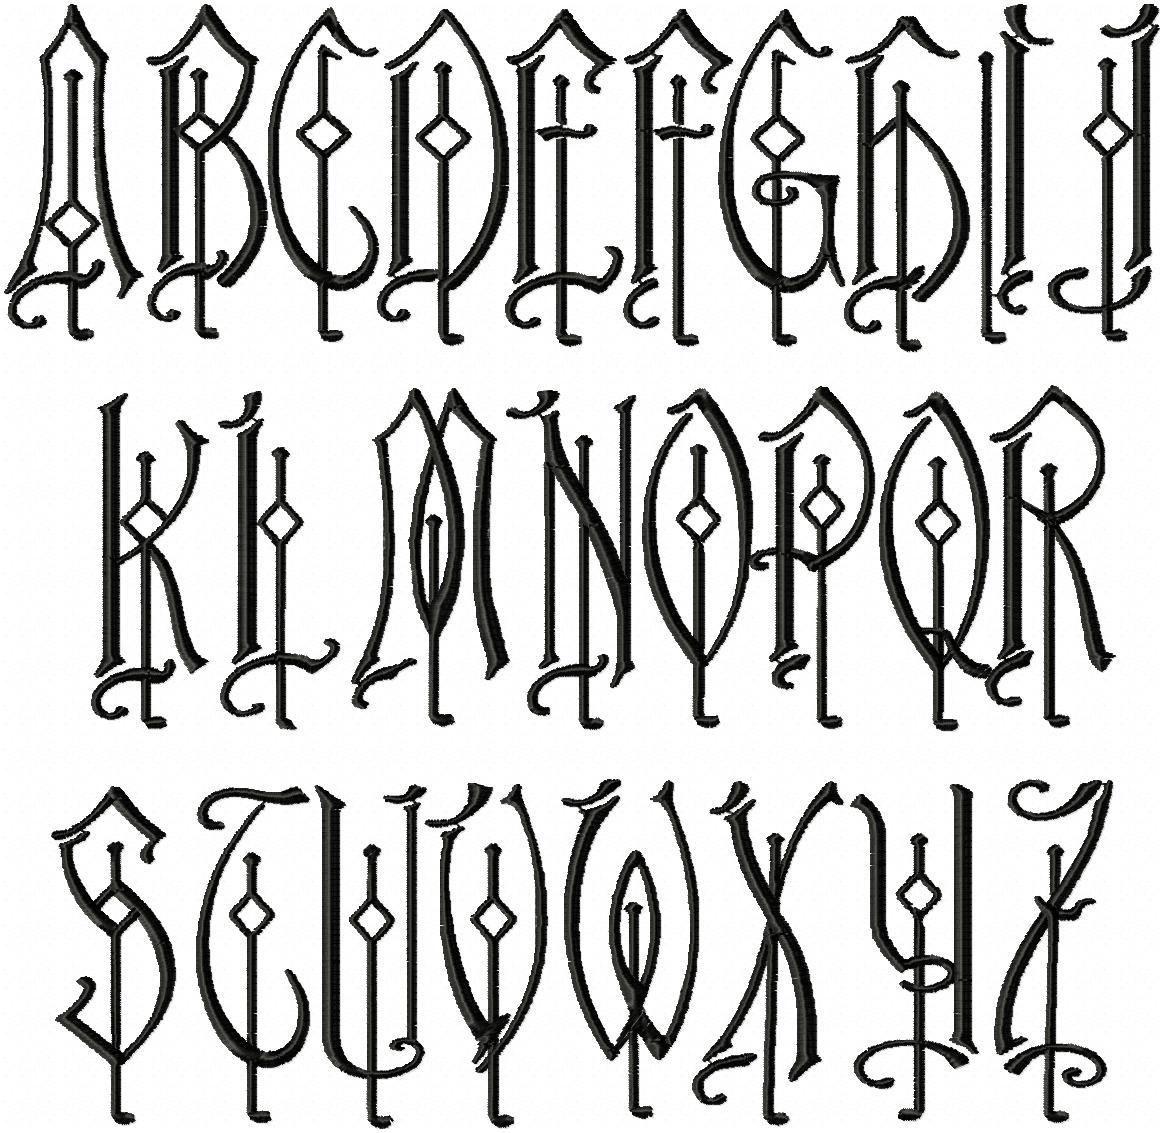 Rucker Monogram Font